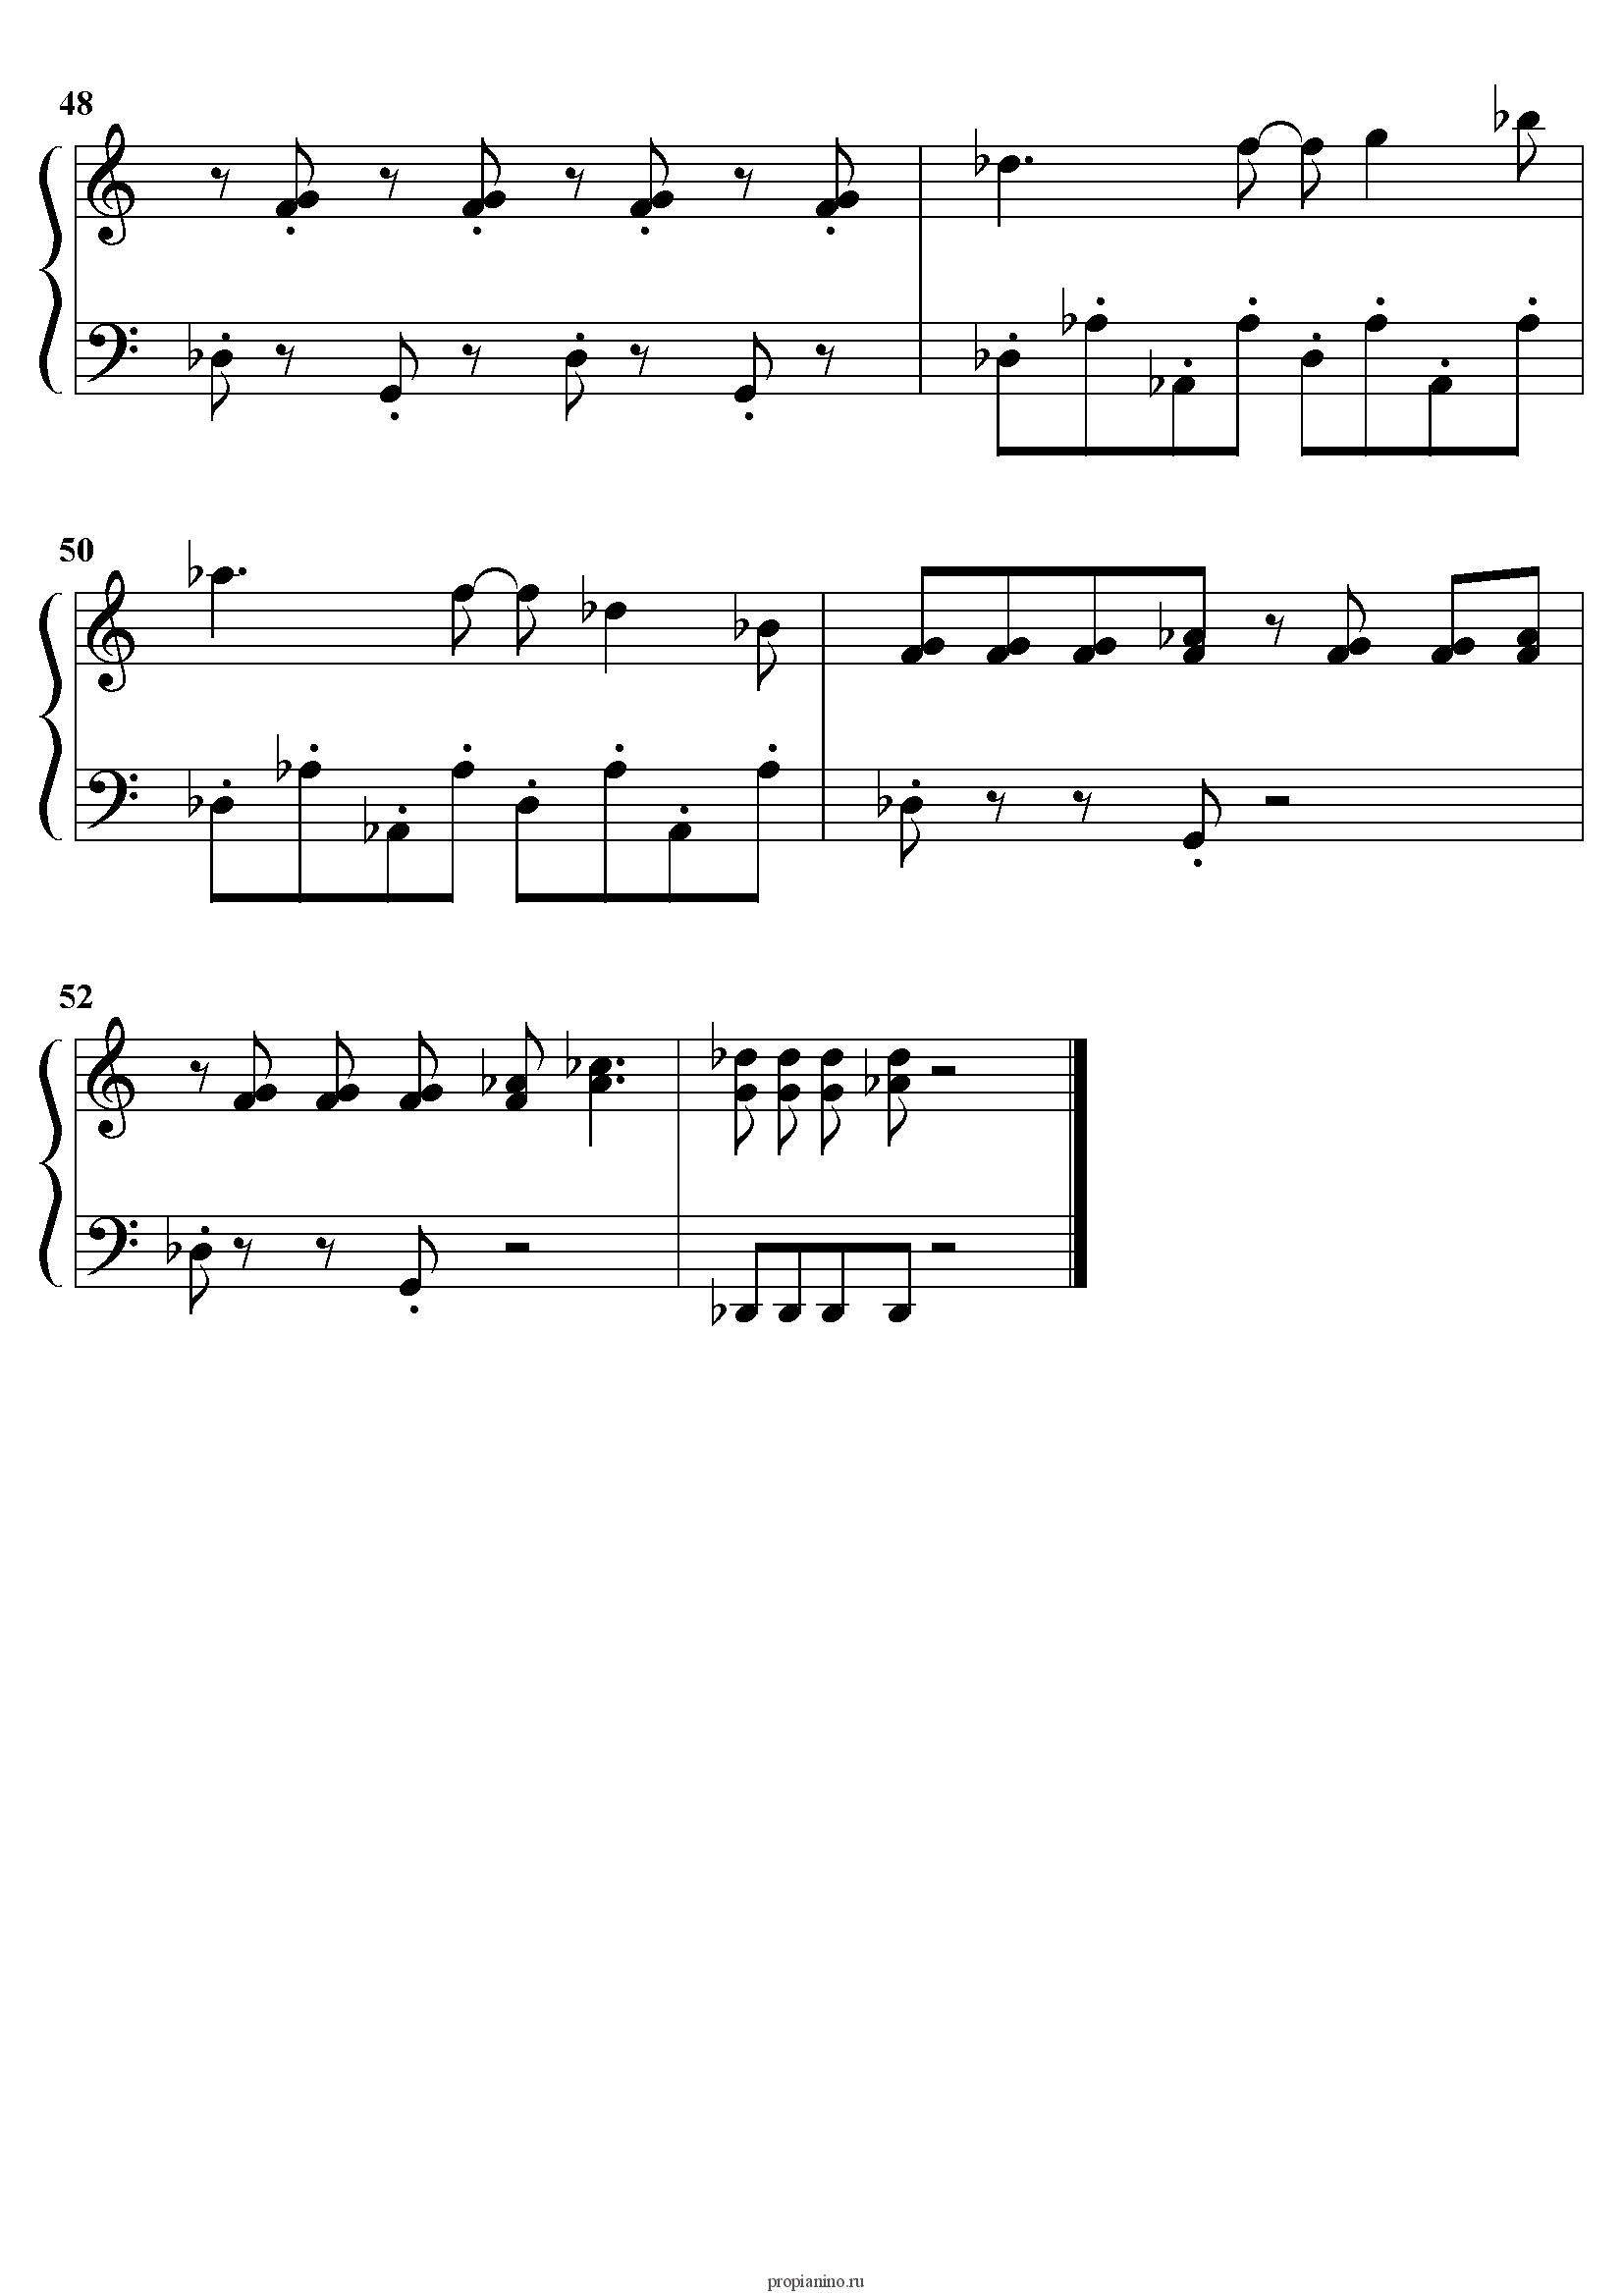 Интересные Ноты для Фортепиано скачать